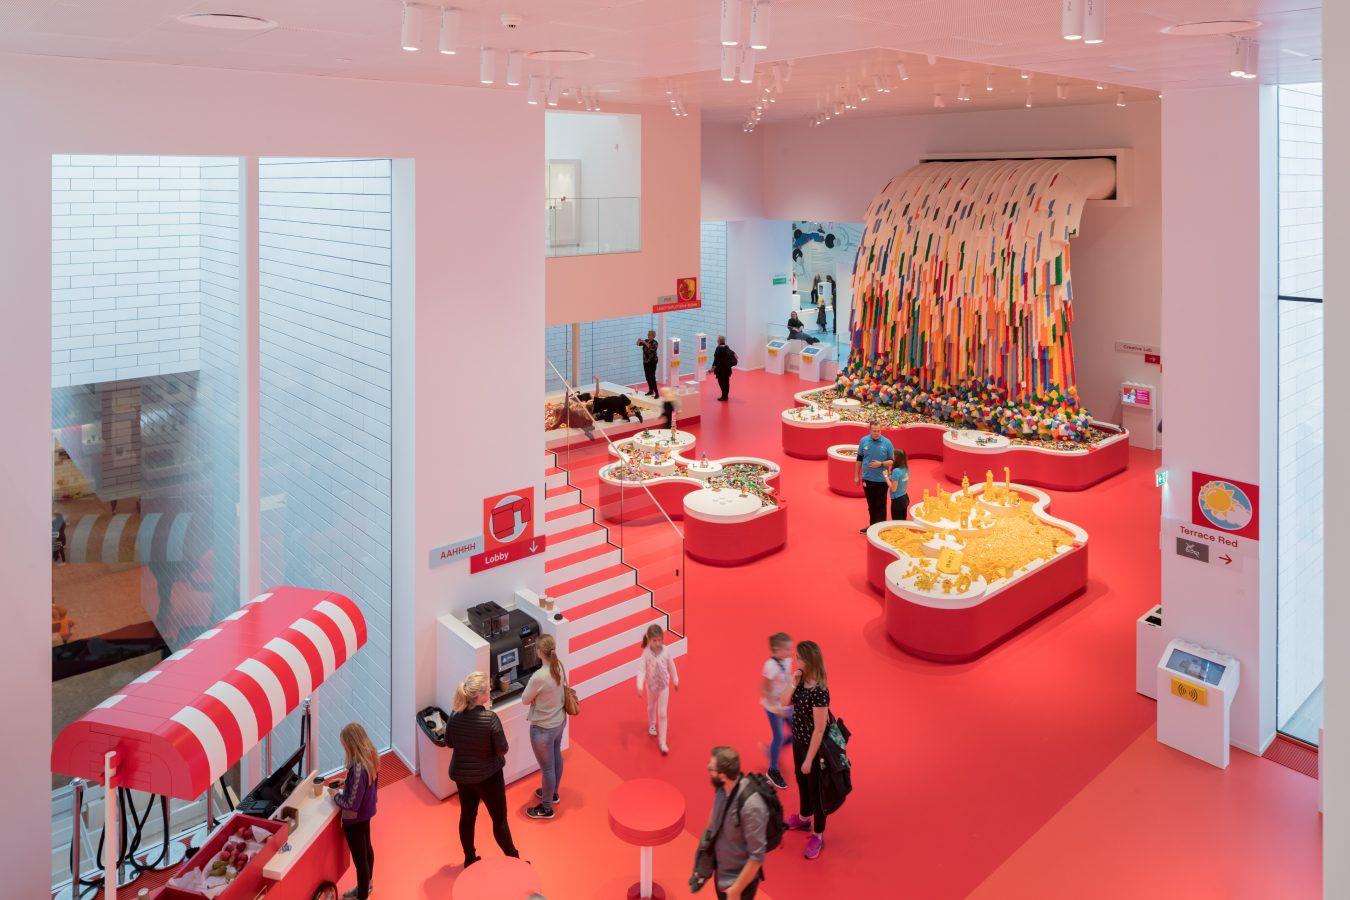 sala roja de lego house que fomenta la creación